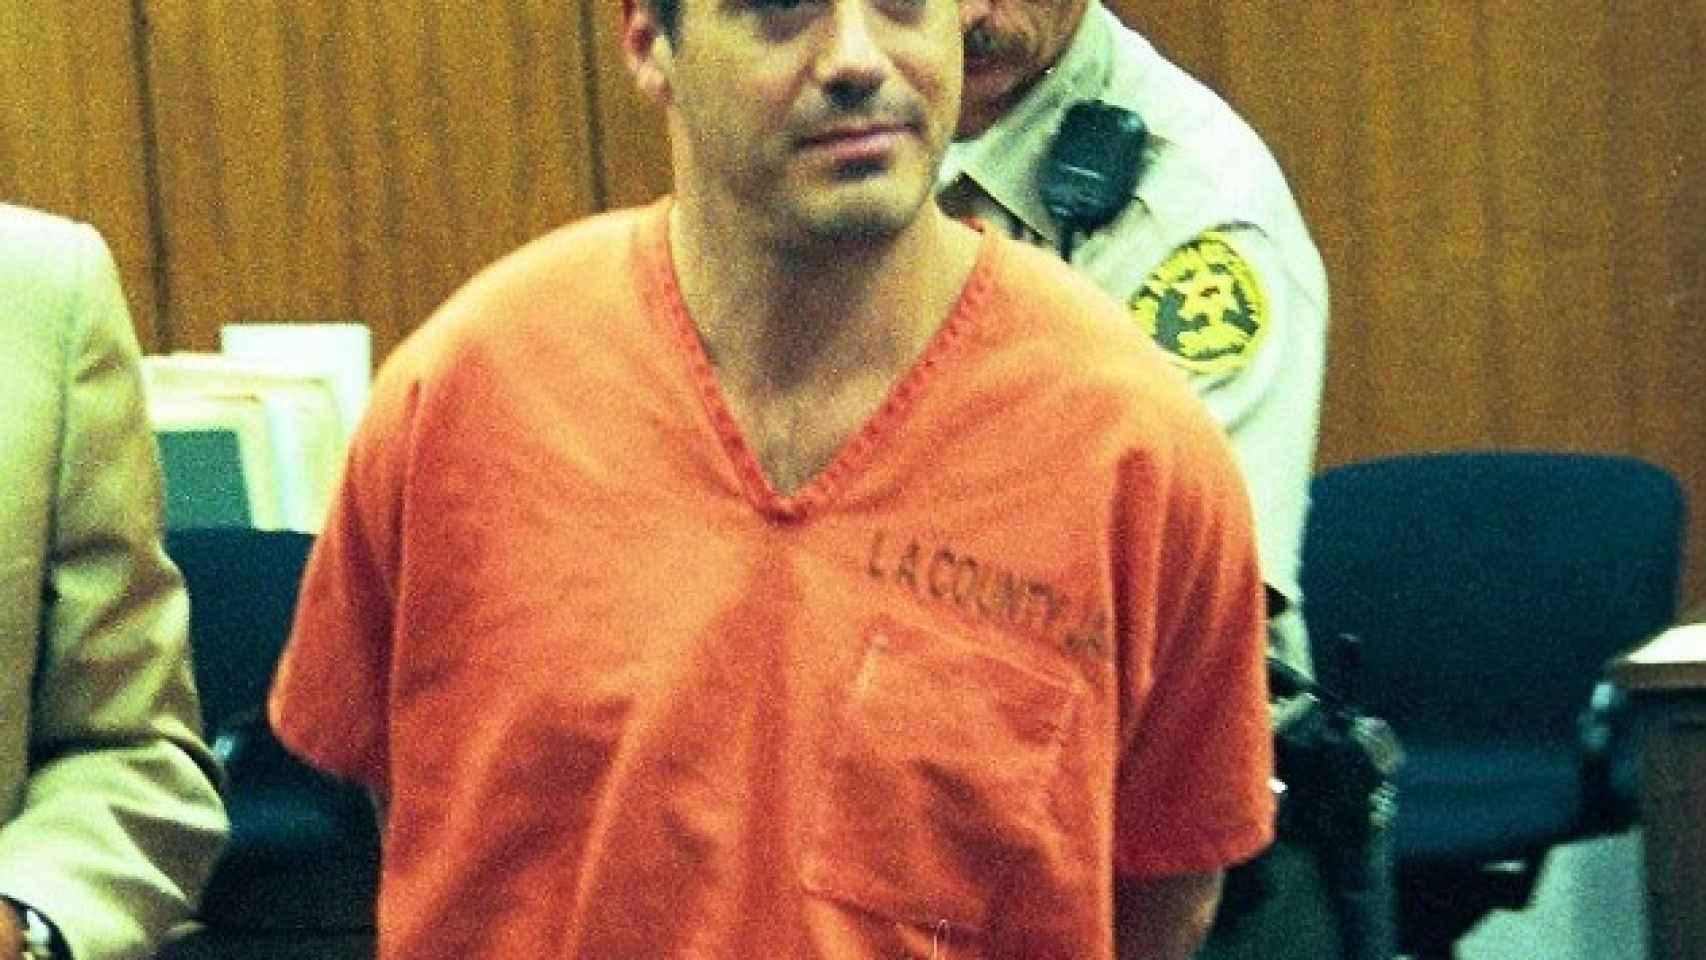 Robert Downey Jr esposado para su ingreso en prisión en 1.999